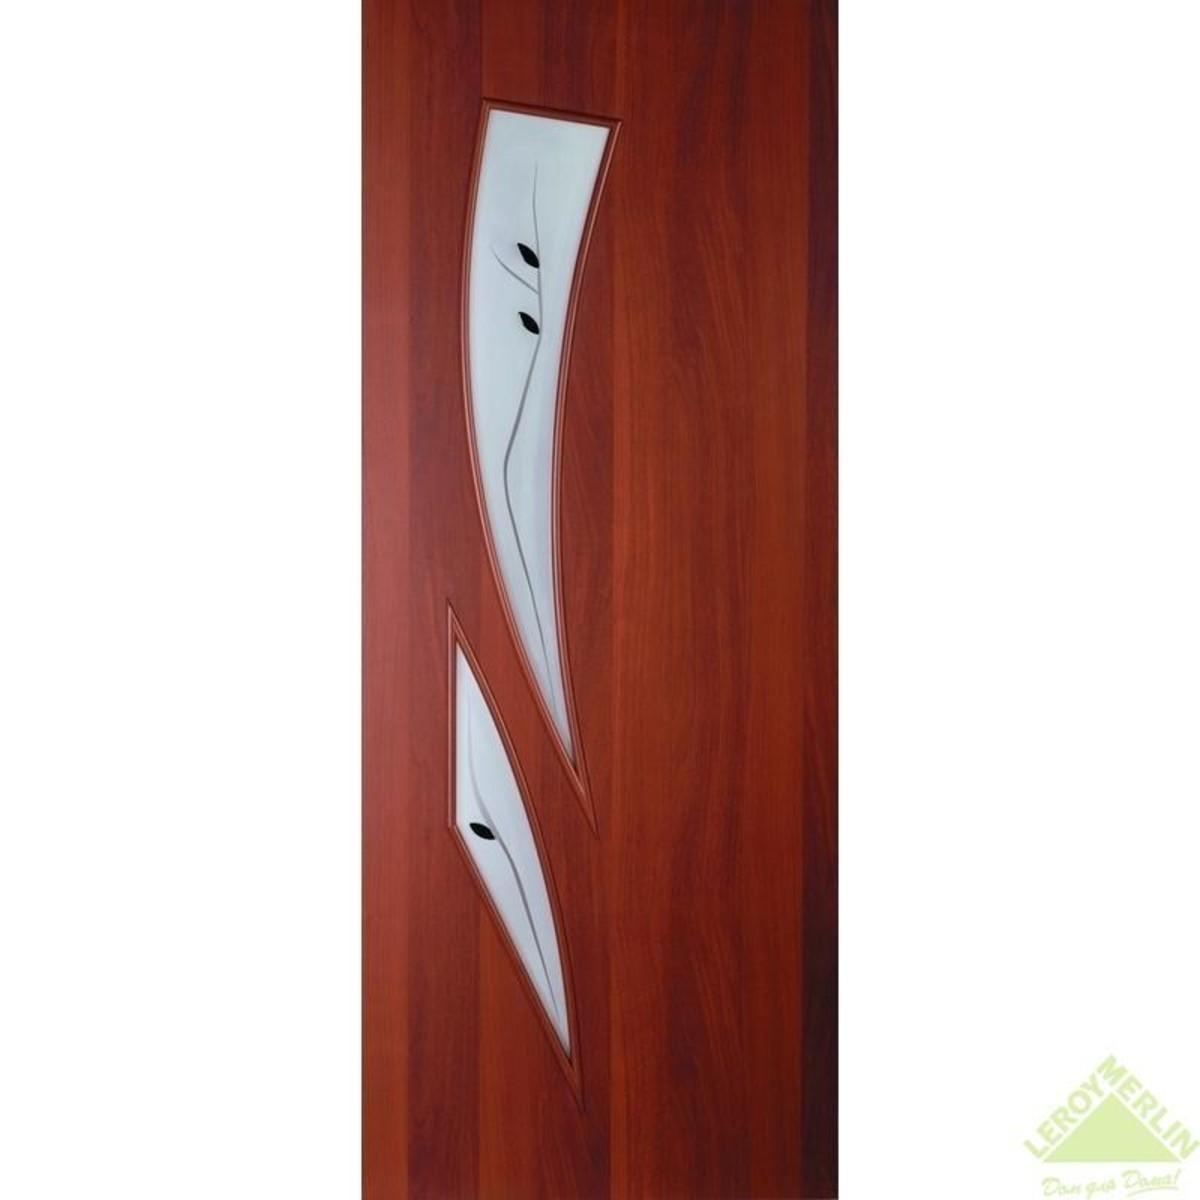 Дверь межкомнатная остеклённая Камея 600x2000 мм ламинация итальянский орех